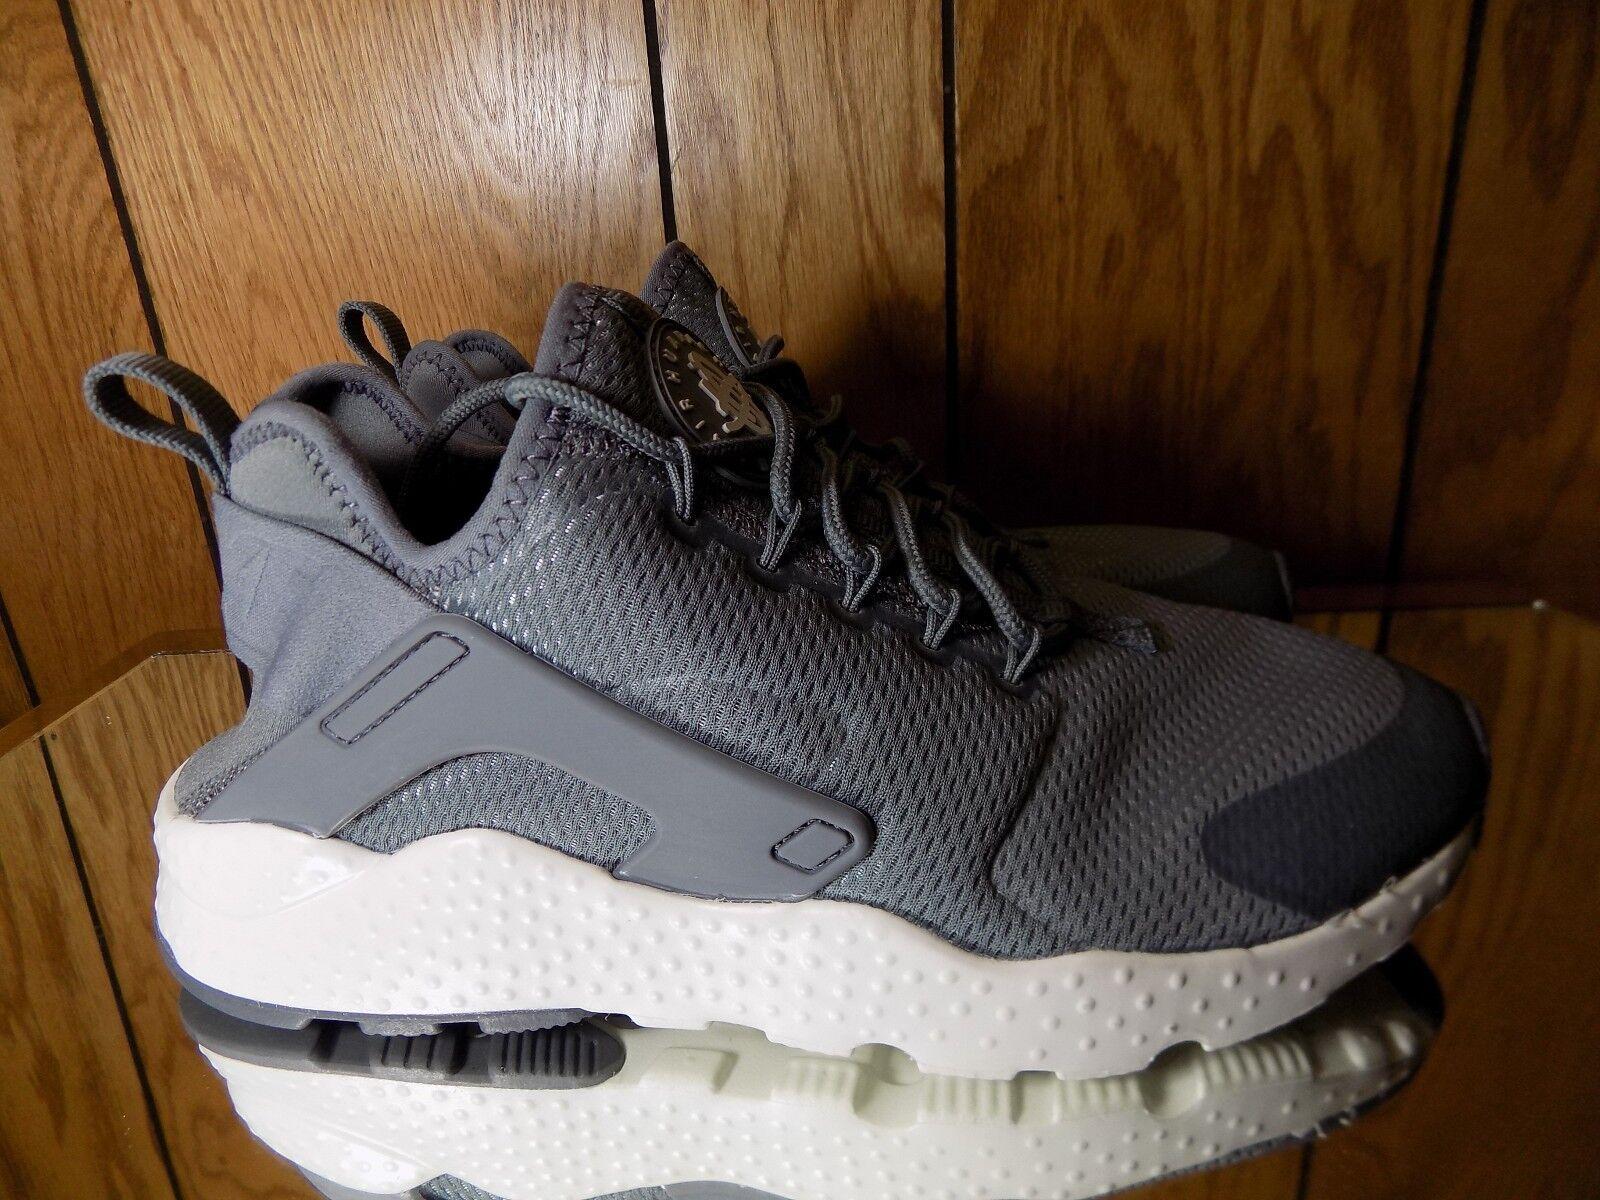 Nike Air Huarache Run Ultra Women's Shoes Cool Grey 819151-006 s. 8.5